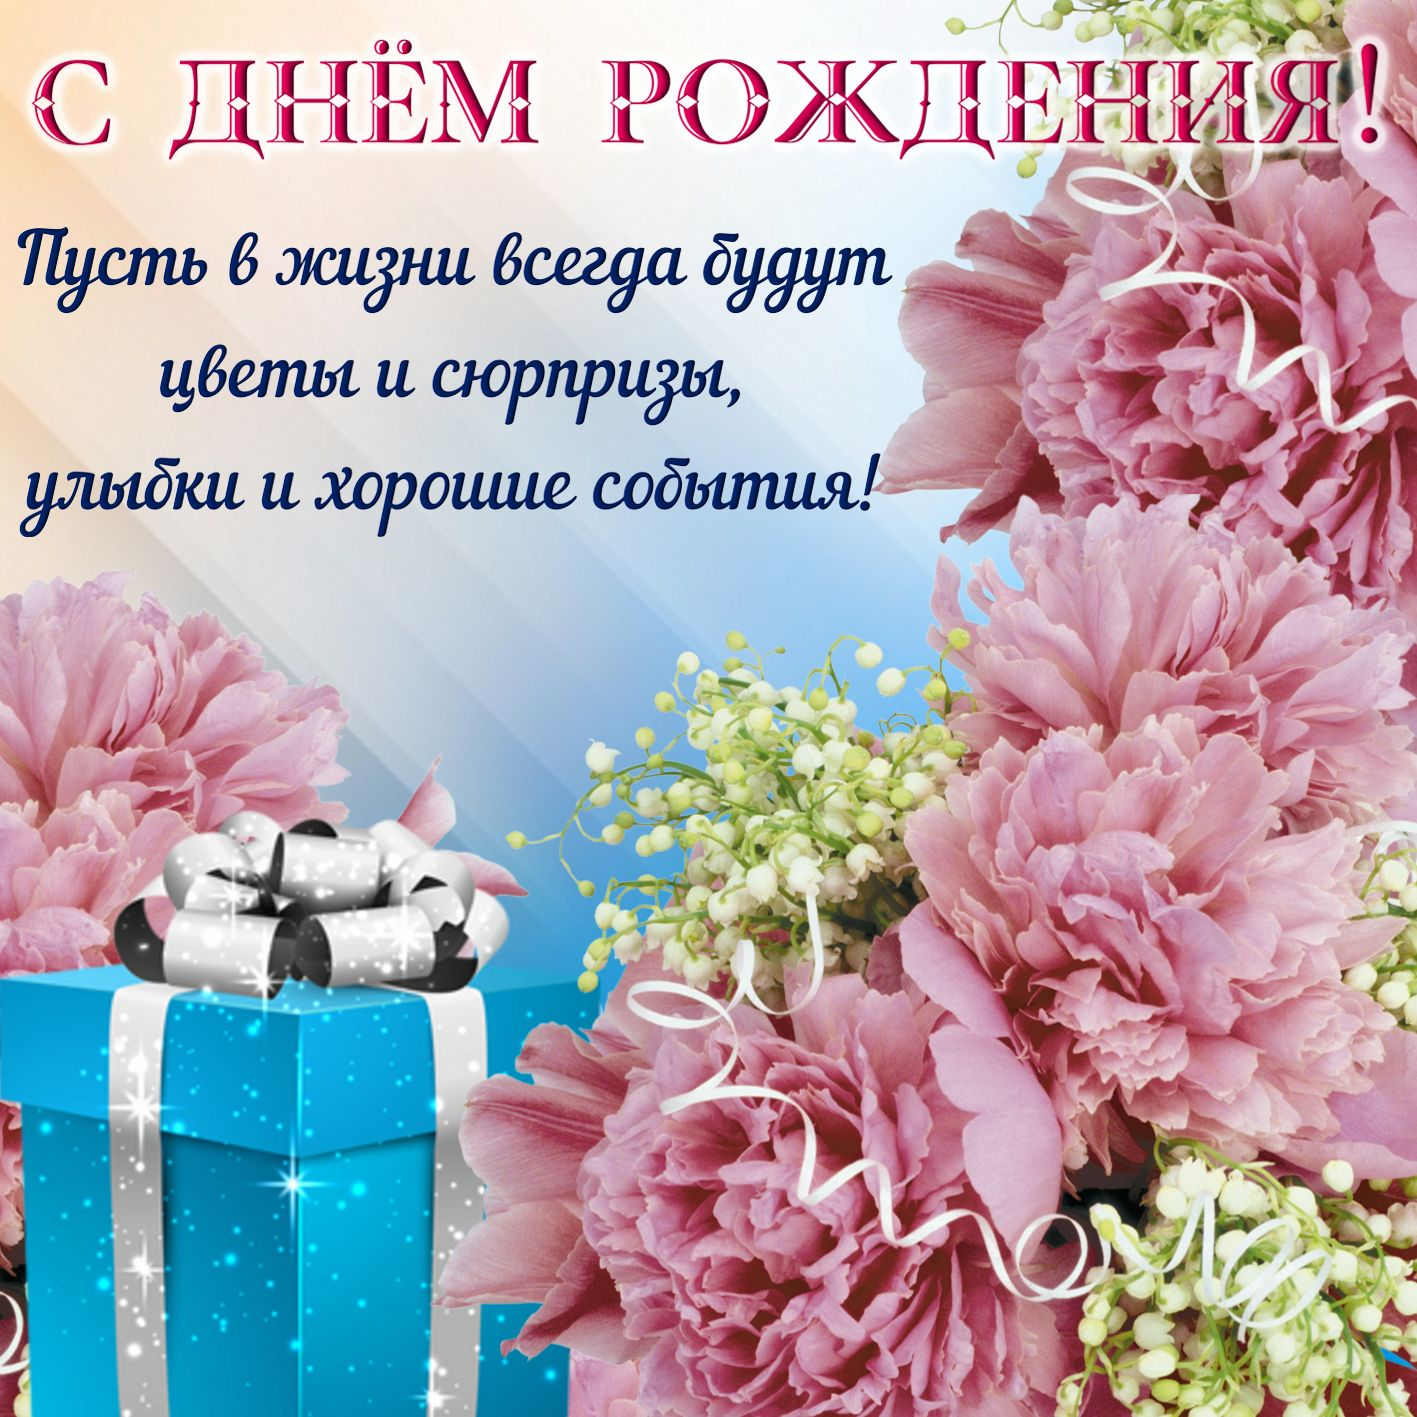 Картинка с цветами и подарком для женщины